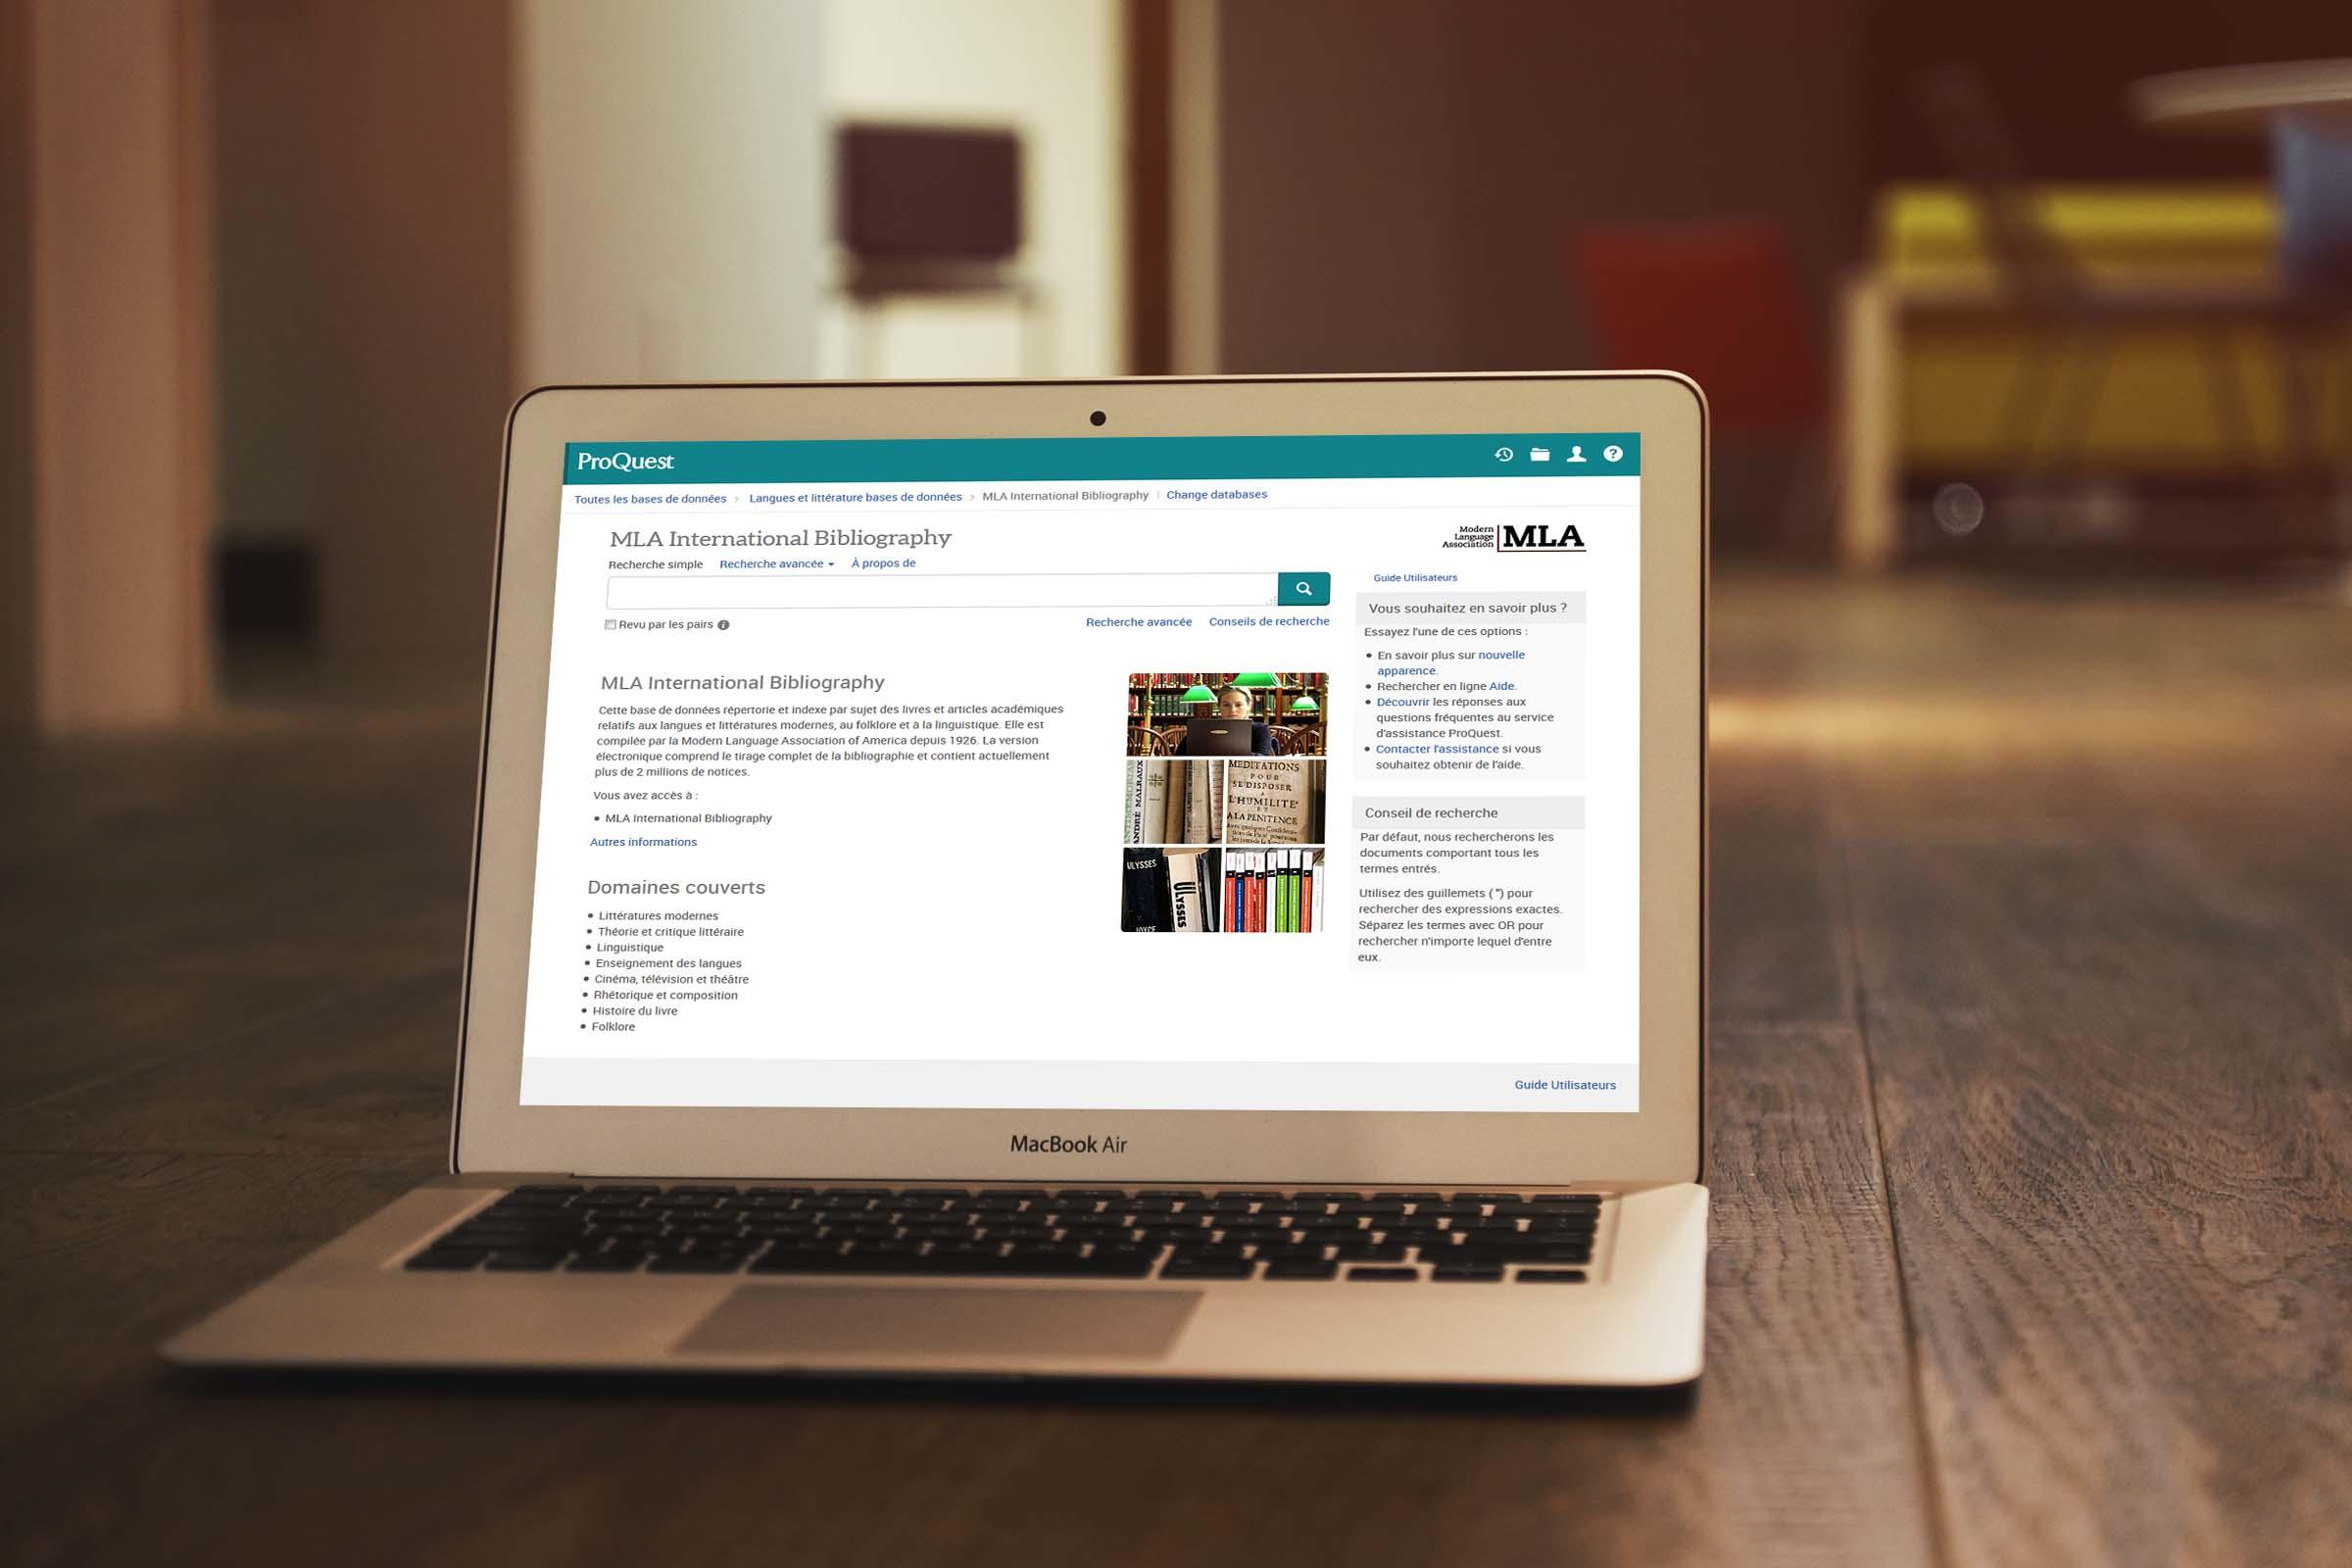 Changement de plateforme pour la base de données MLA (Modern Language Association)